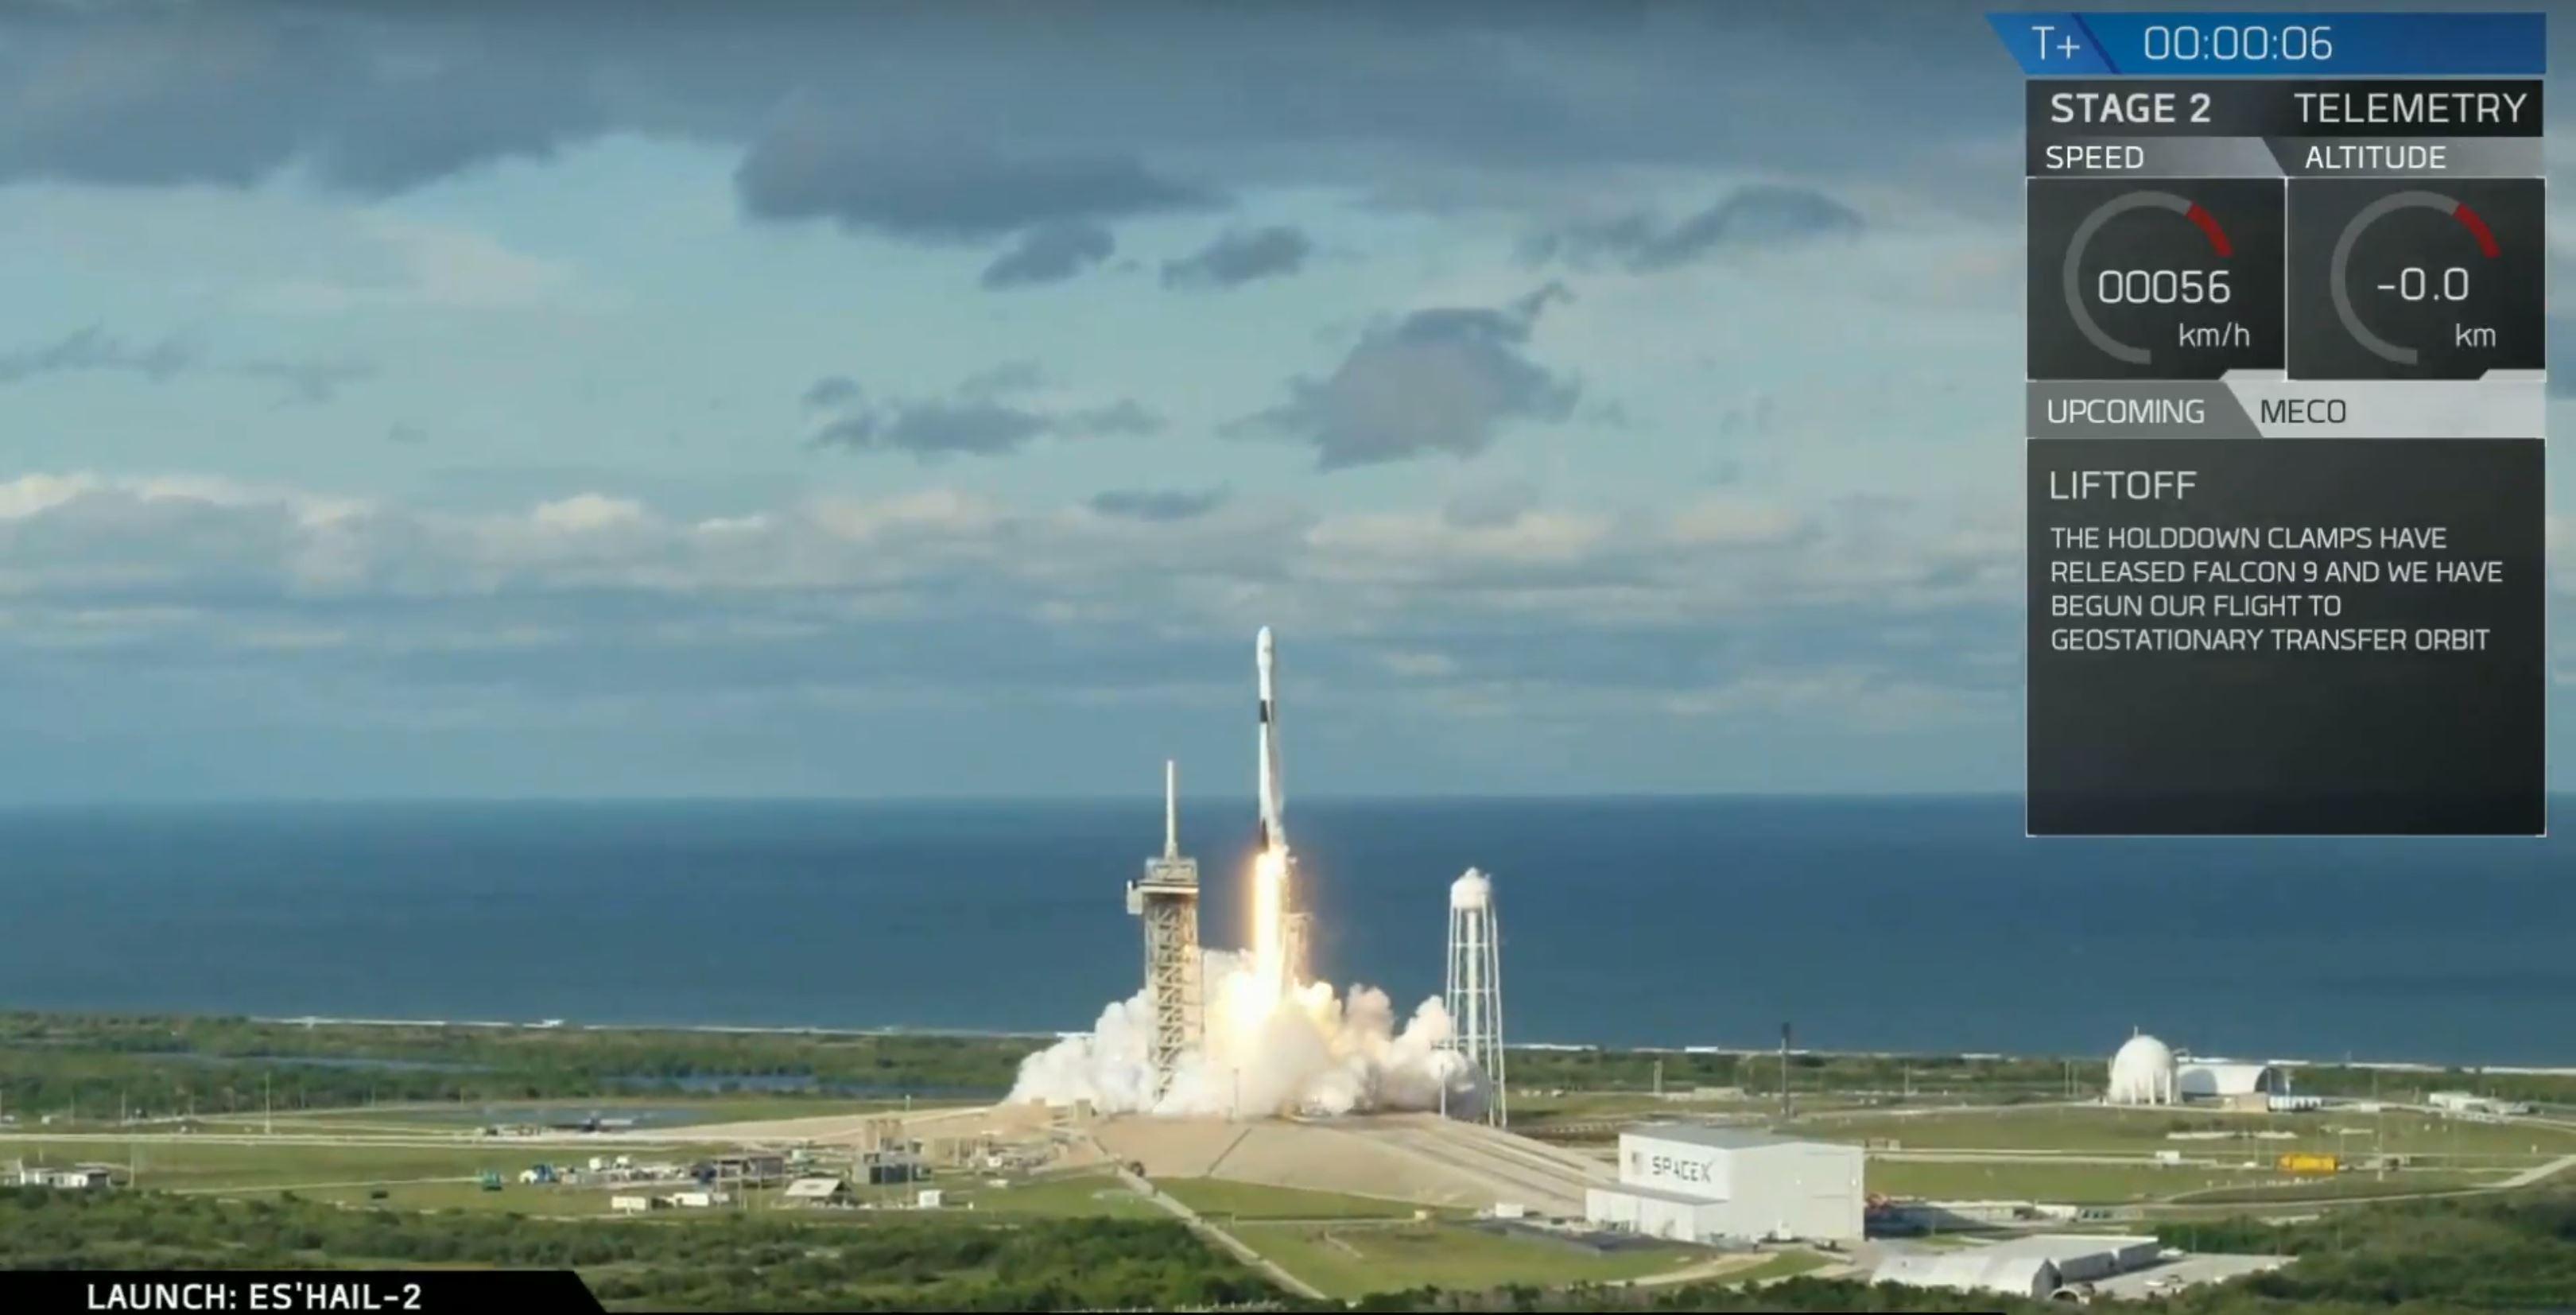 B1047.2 liftoff (SpaceX)